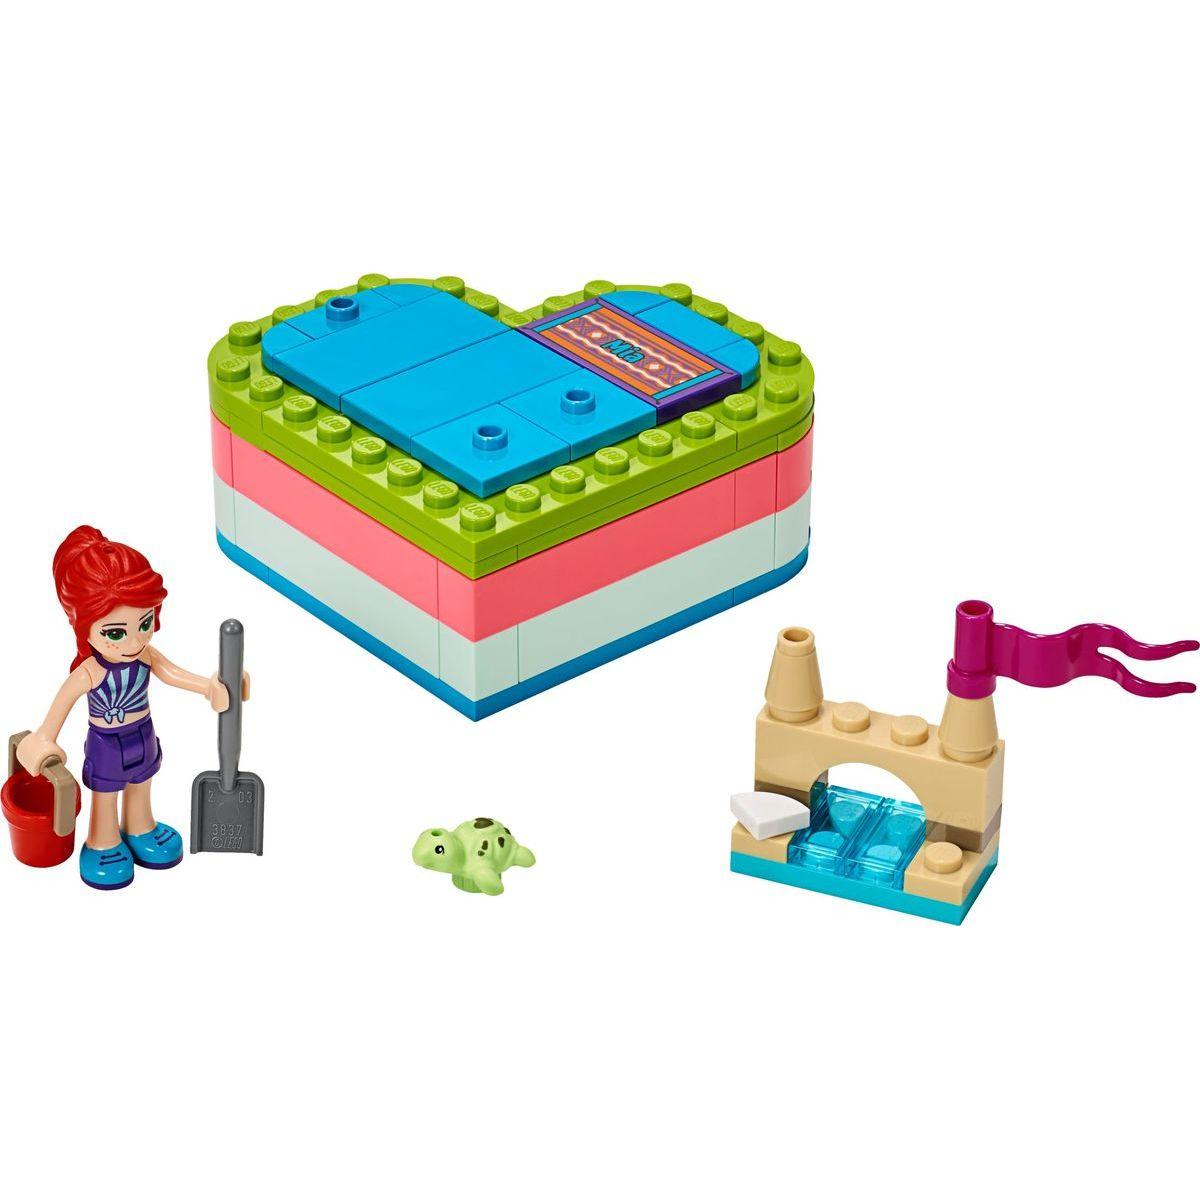 LEGO Friends 41388 Mia a letní srdcová krabička